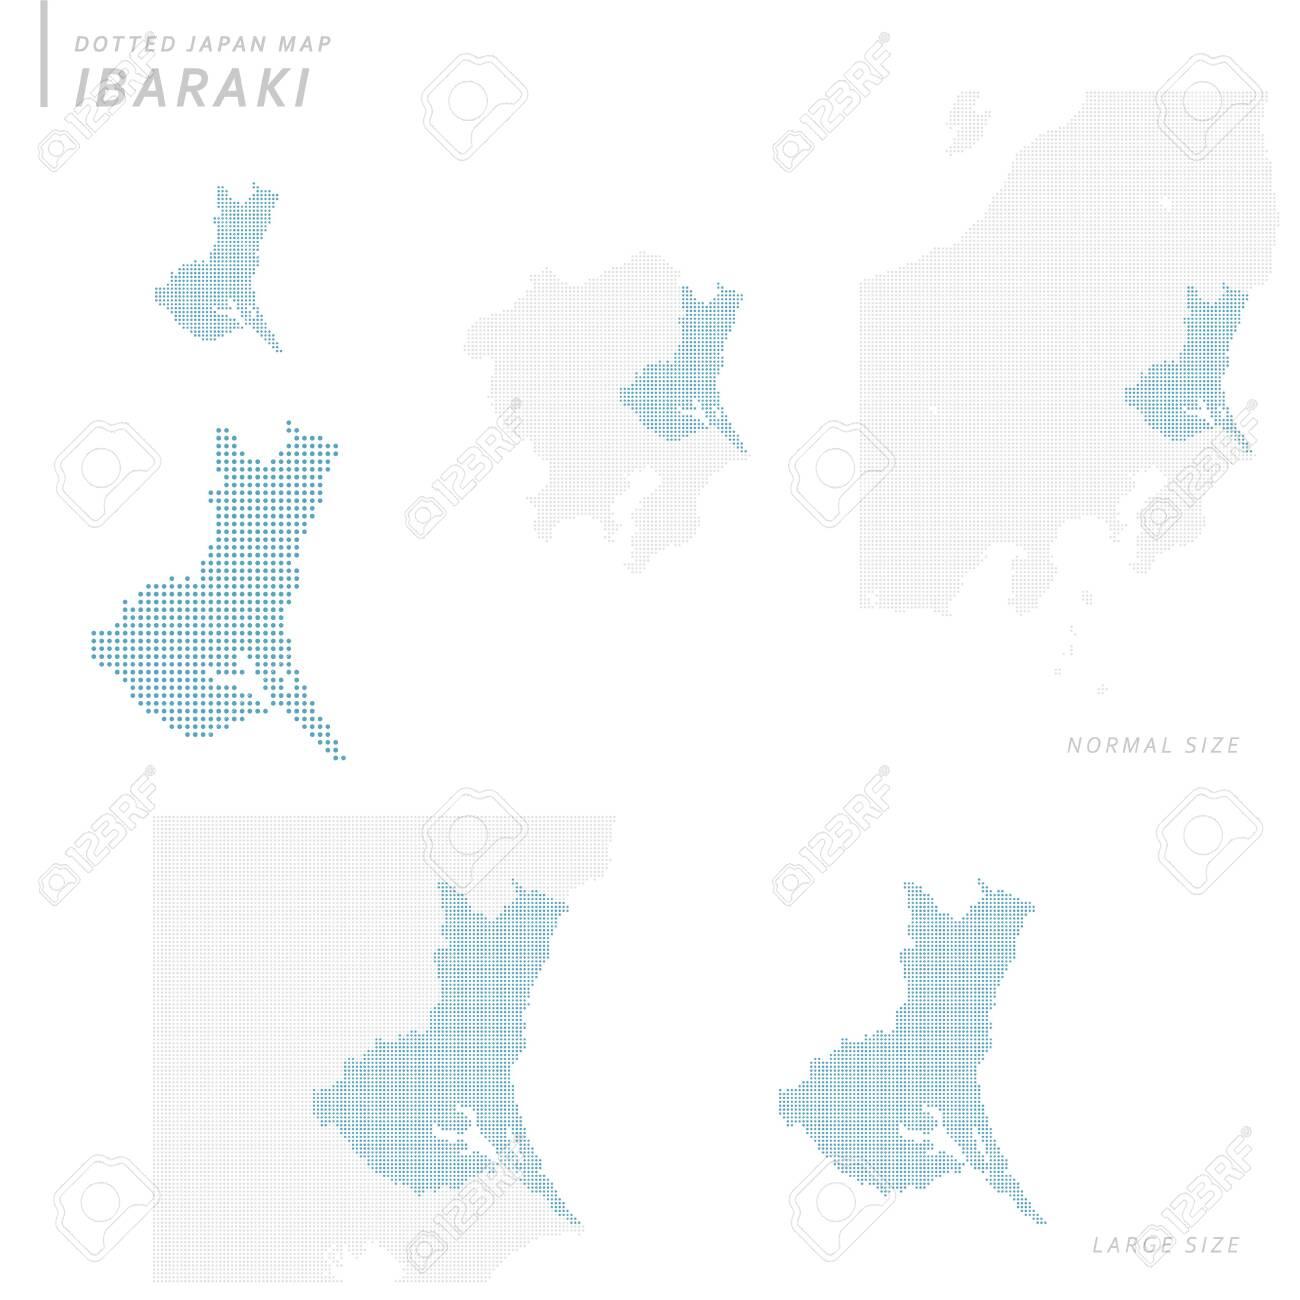 Dotted Japan map set, Ibaraki - 148750810